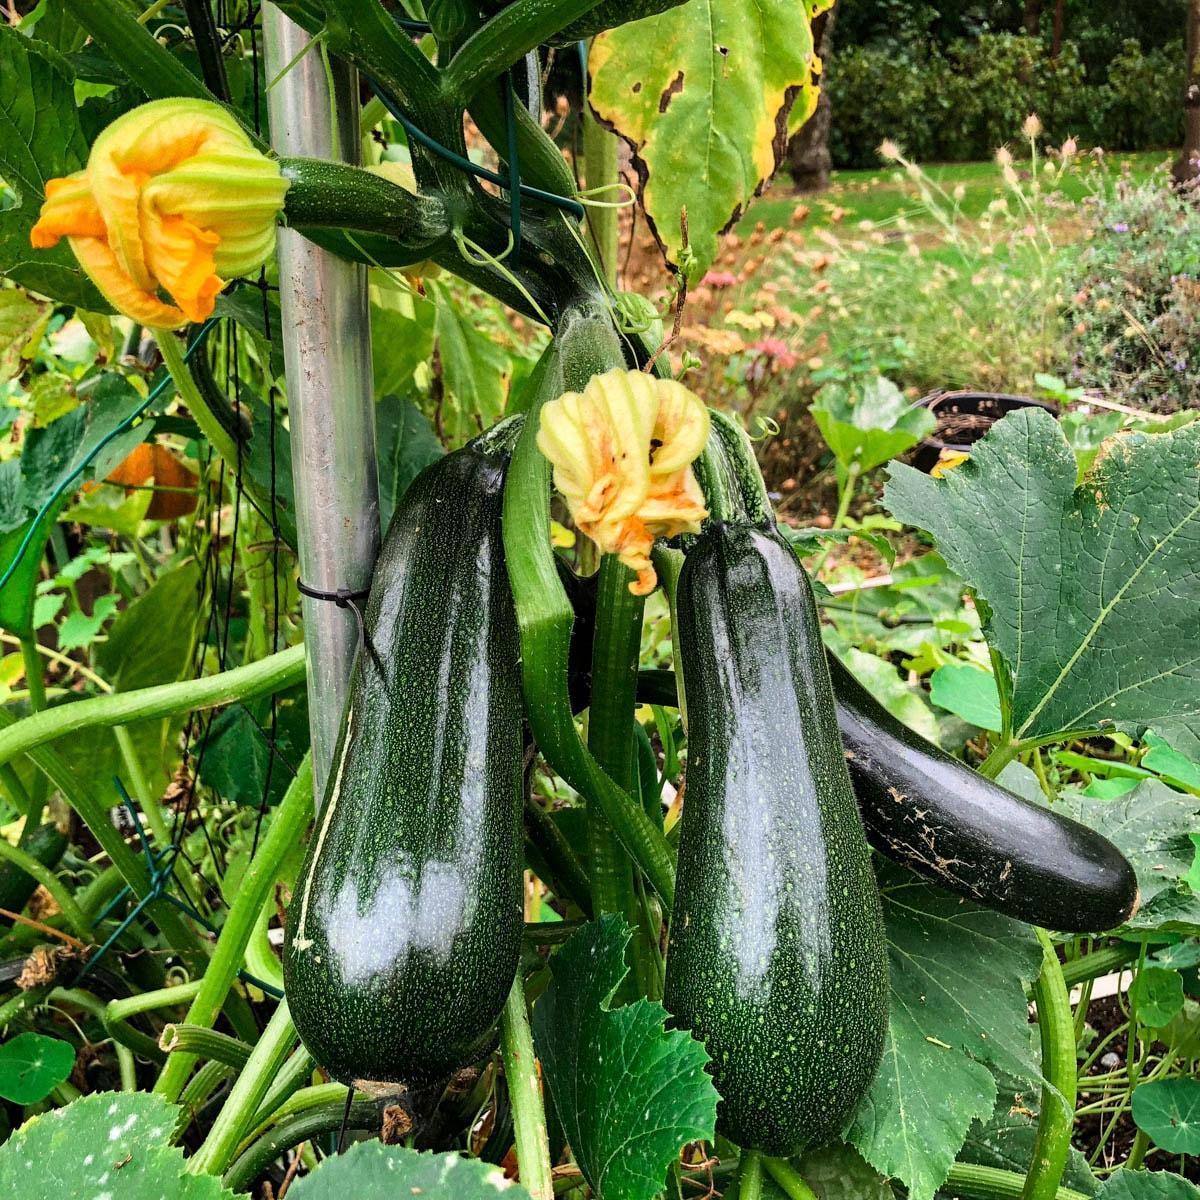 zucchinis in the garden